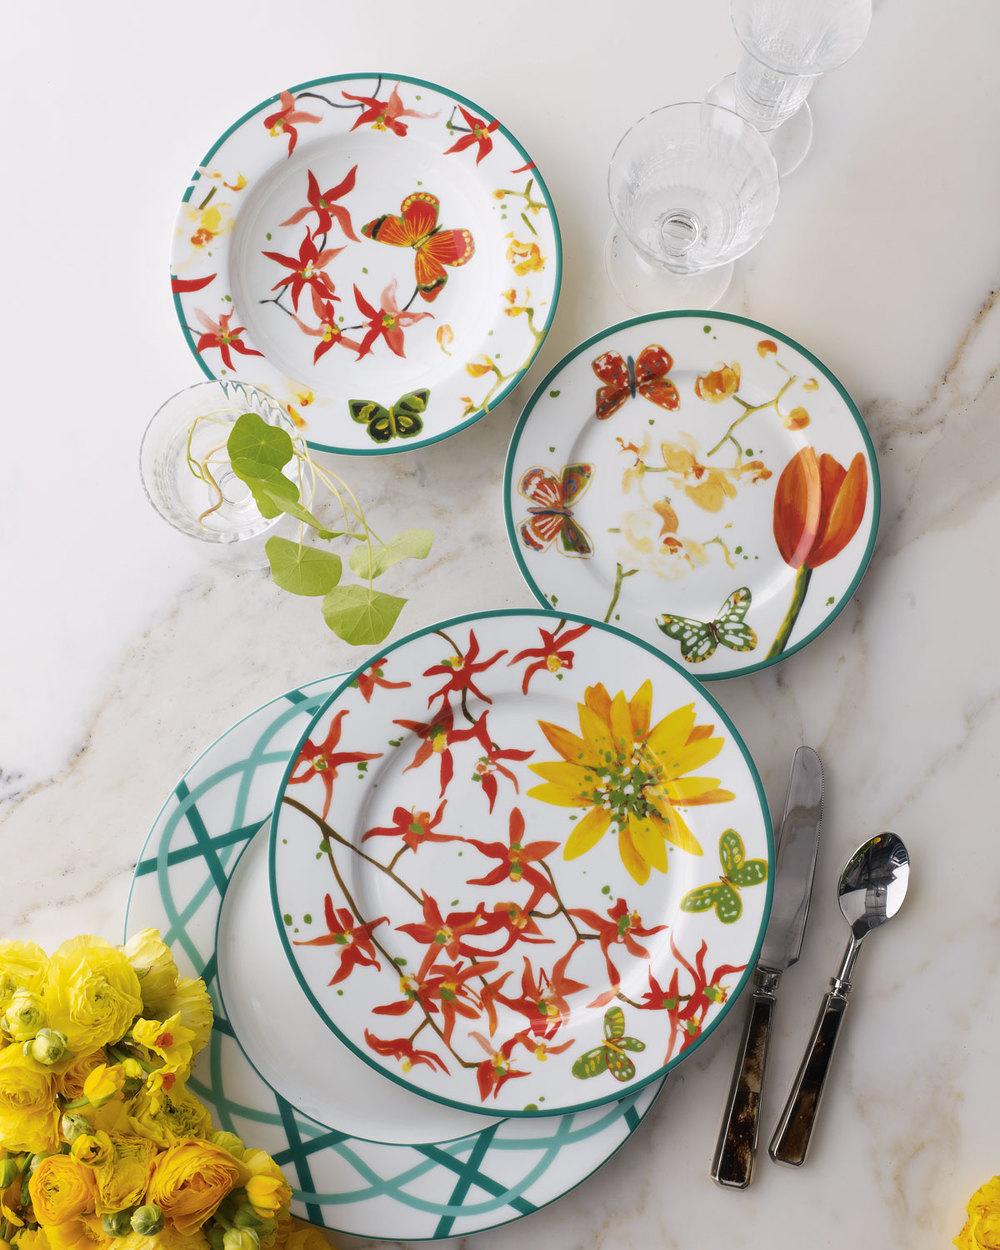 lulu-dk-Petals-dinnerware.jpg